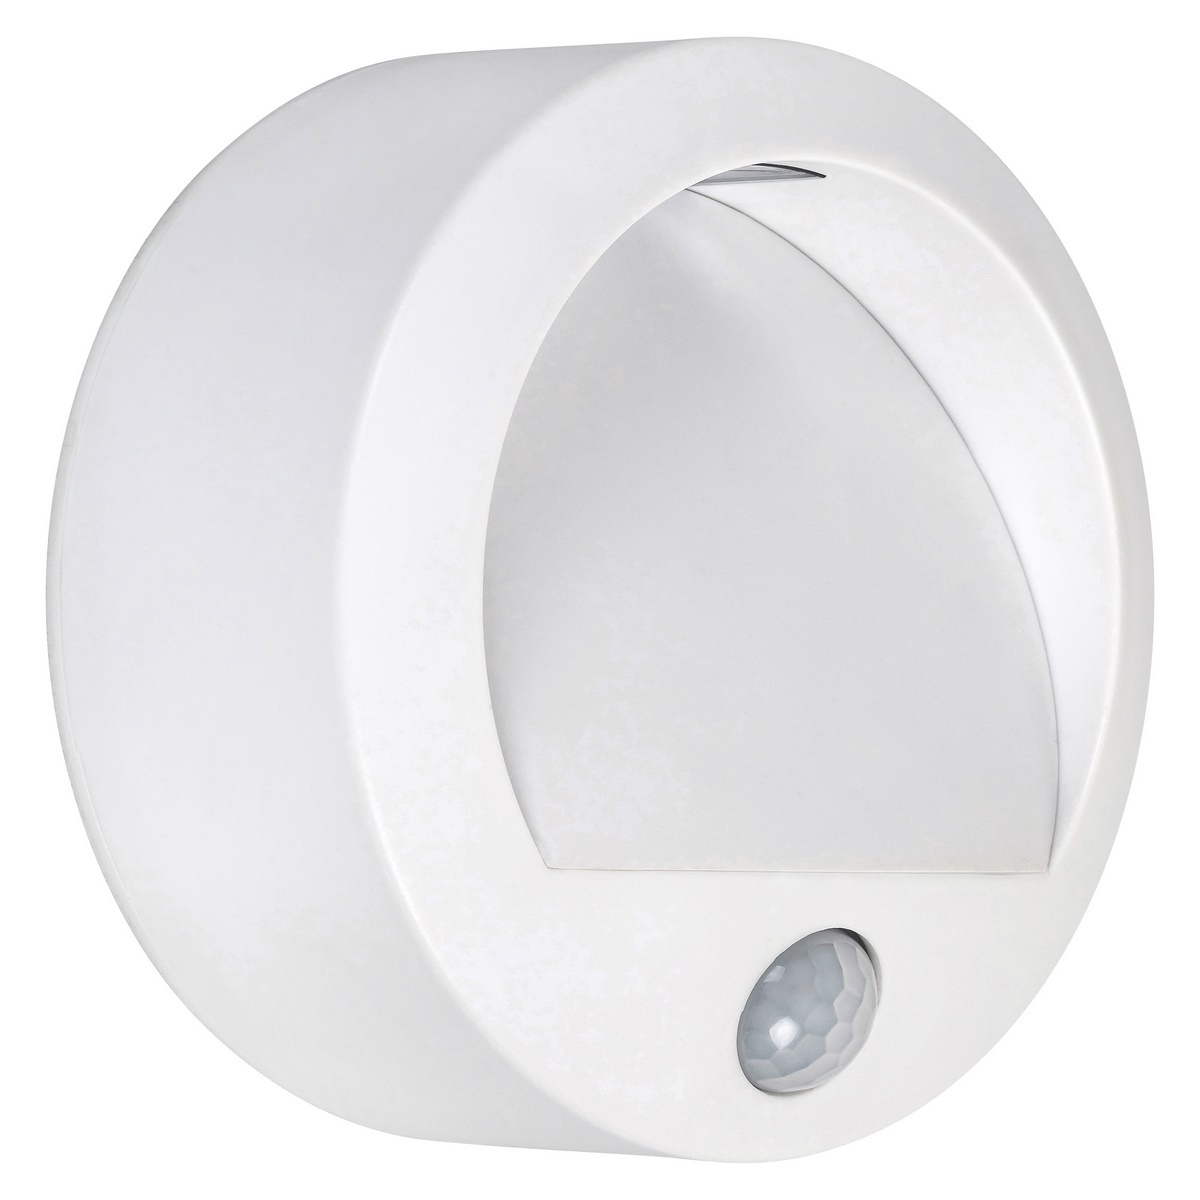 Rabalux 7980 Amarillo Venkovní LED nástěnné svítidlo, bílá